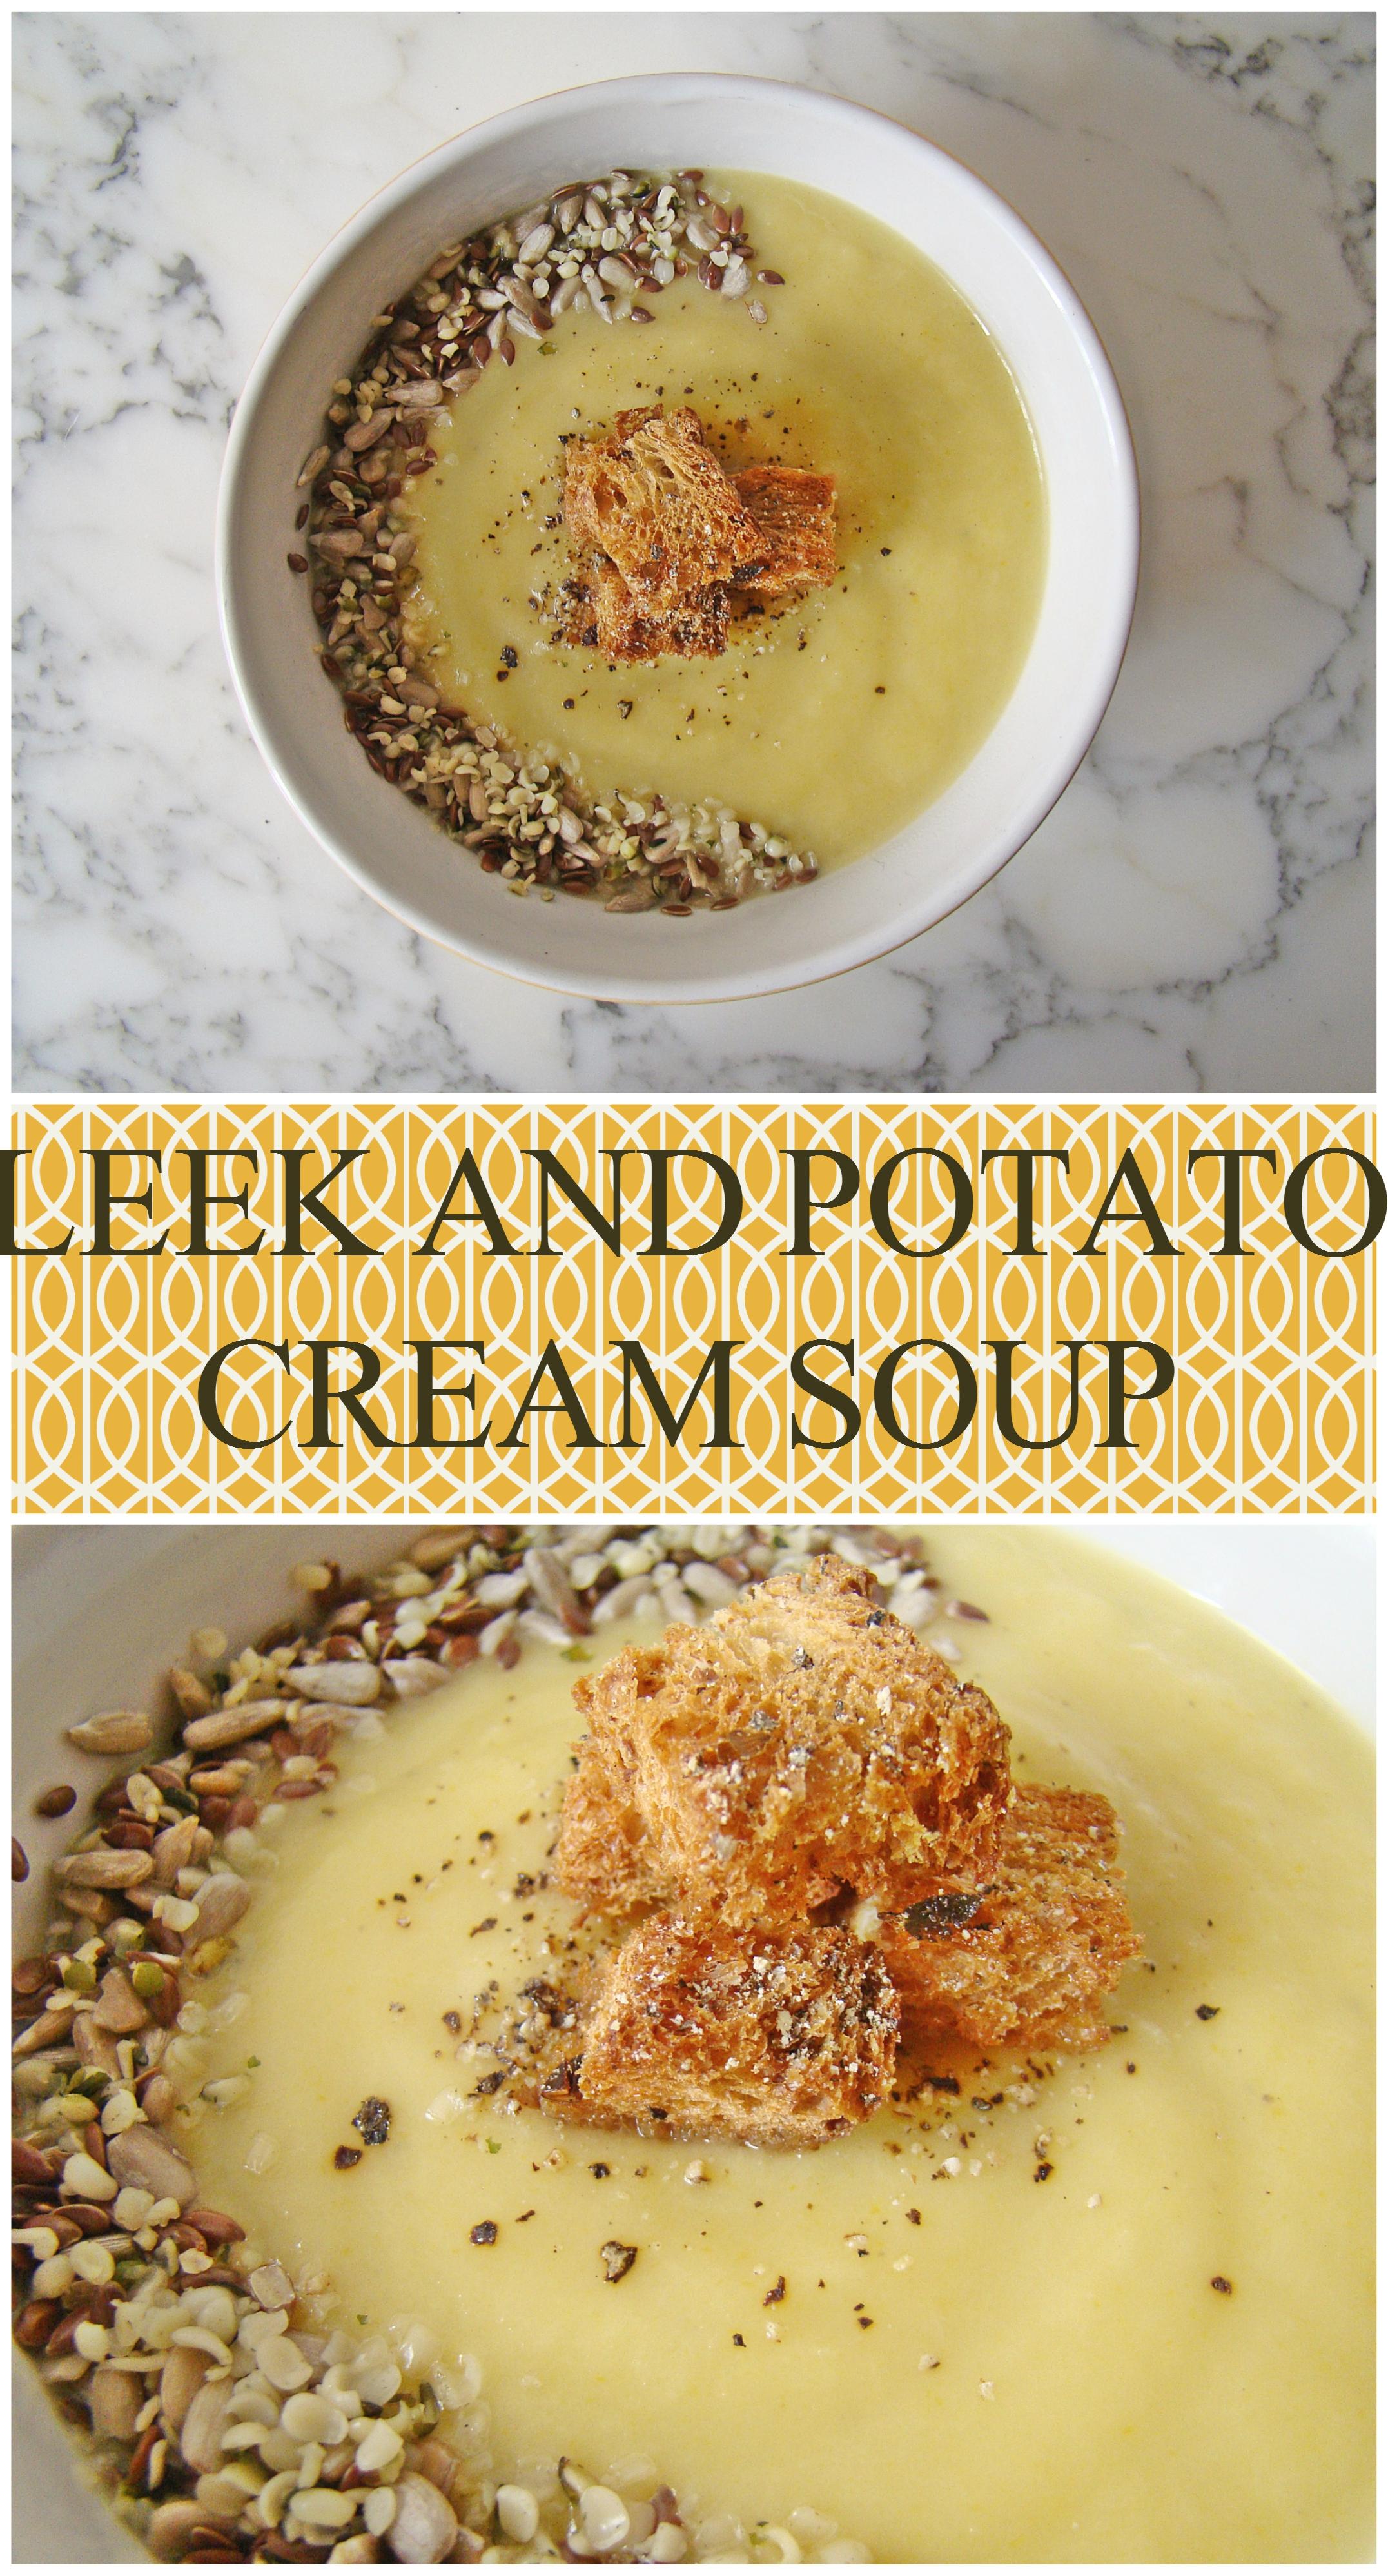 leek-and-potato-cream-soup